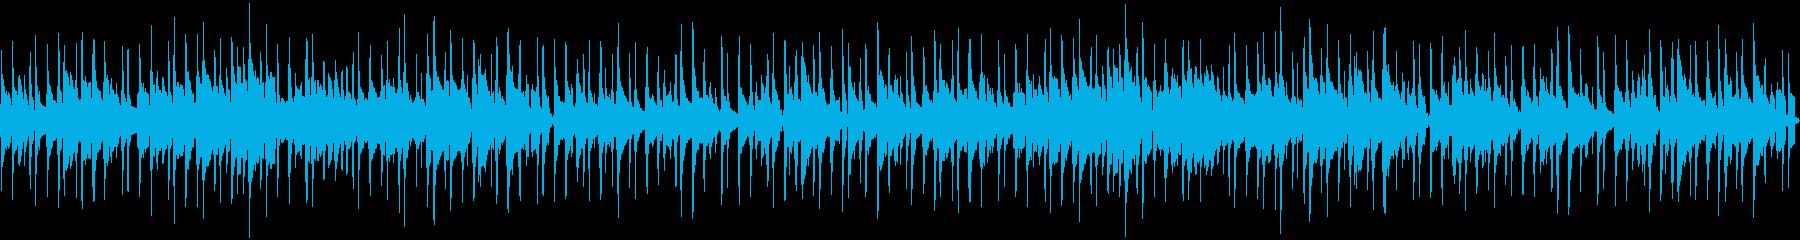 明るい可愛いウクレレ、カリンバのポップスの再生済みの波形